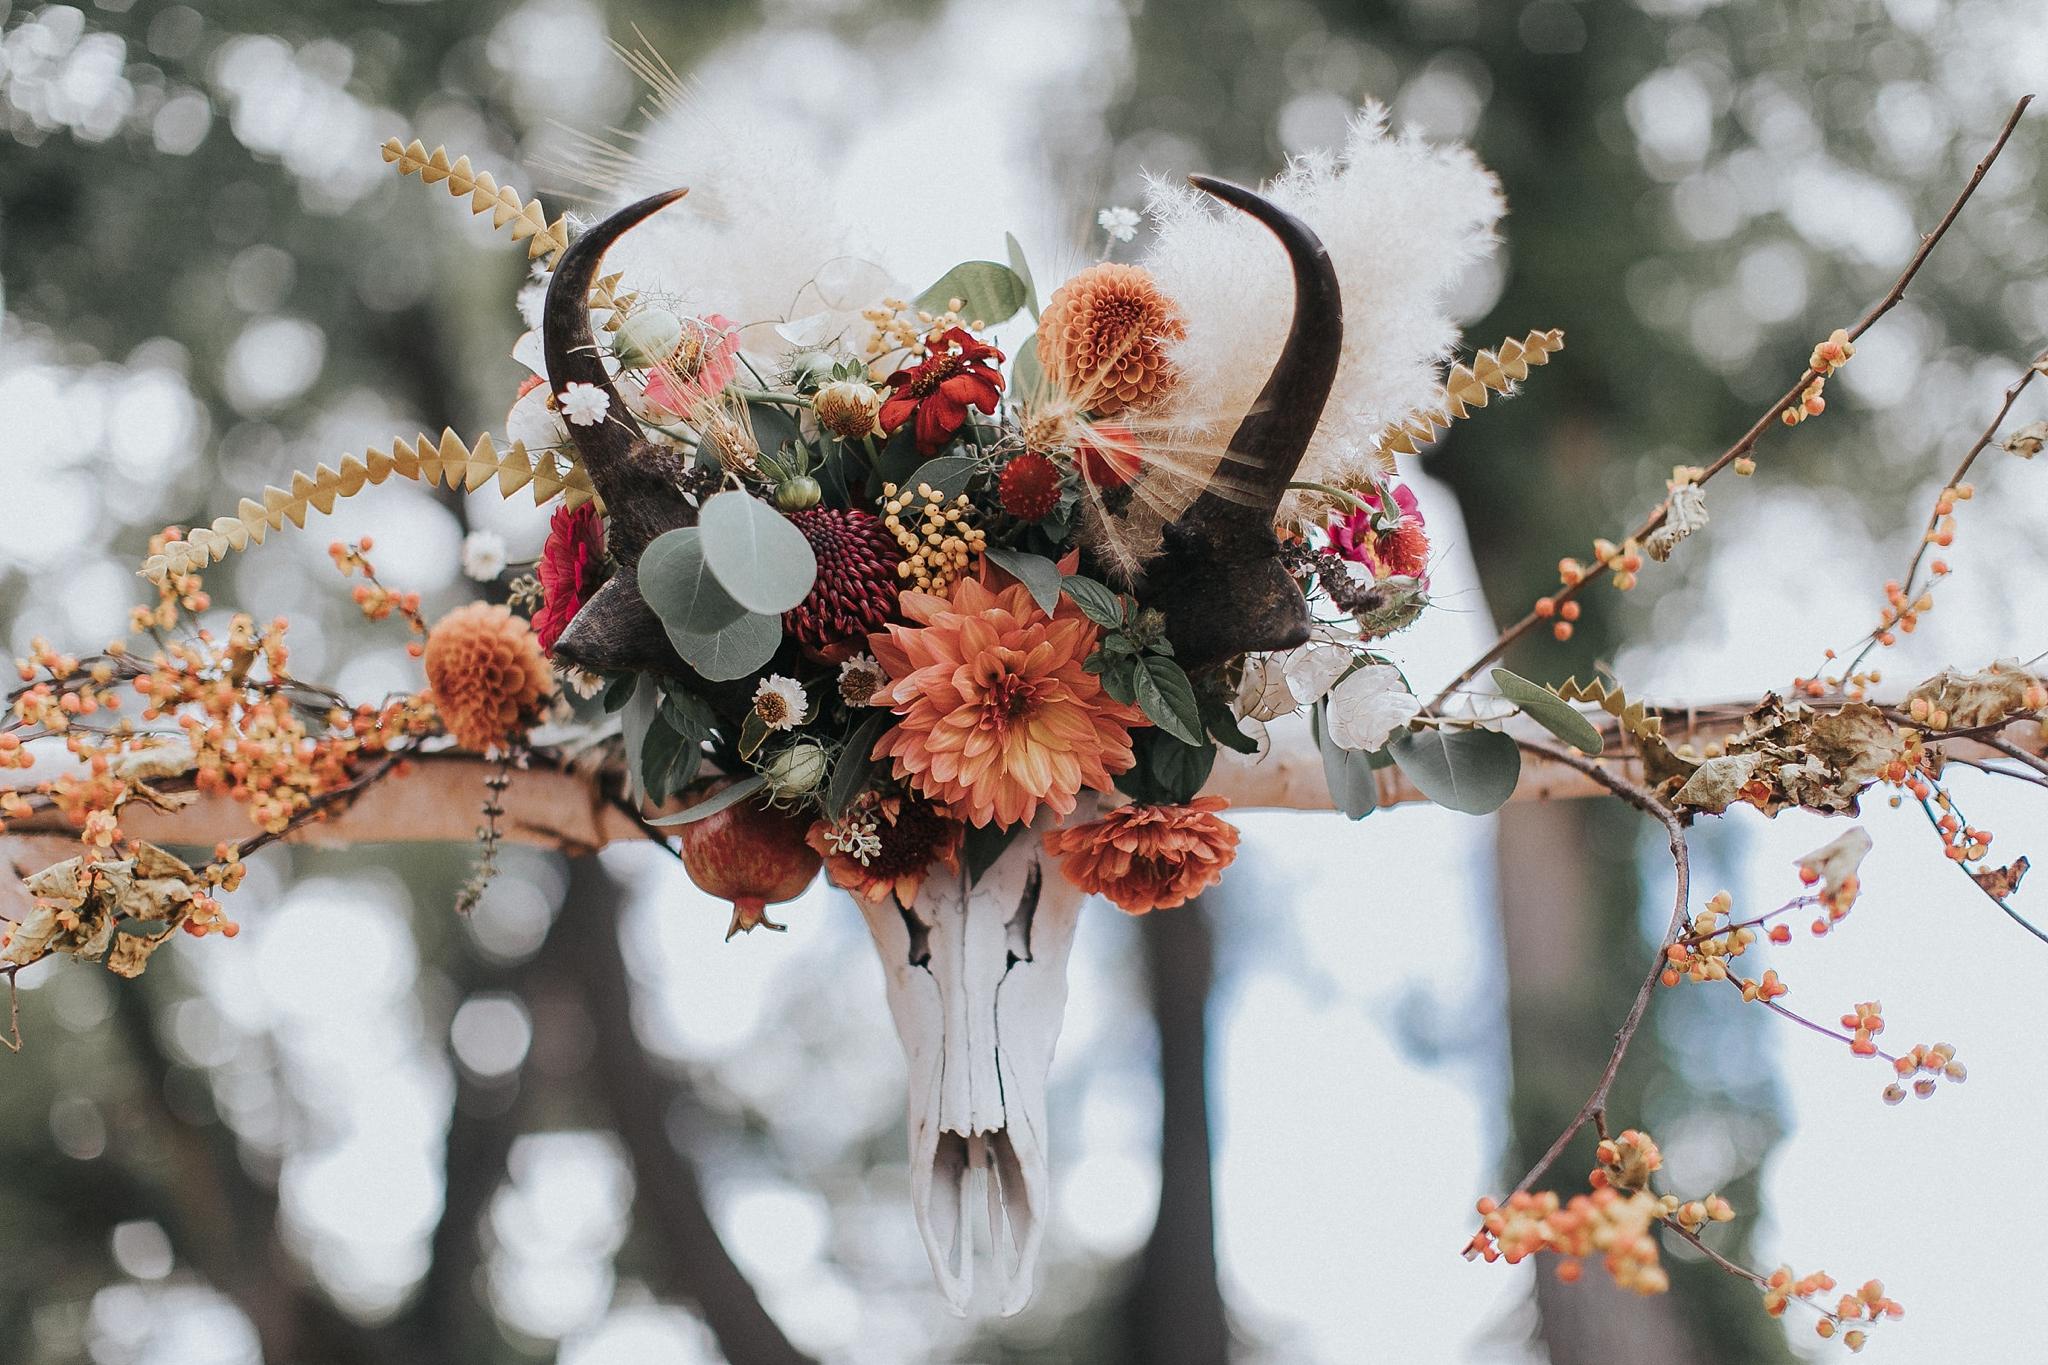 Alicia+lucia+photography+-+albuquerque+wedding+photographer+-+santa+fe+wedding+photography+-+new+mexico+wedding+photographer+-+new+mexico+wedding+-+new+mexico+wedding+-+wedding+florals+-+desert+wedding+-+wedding+trends_0065.jpg